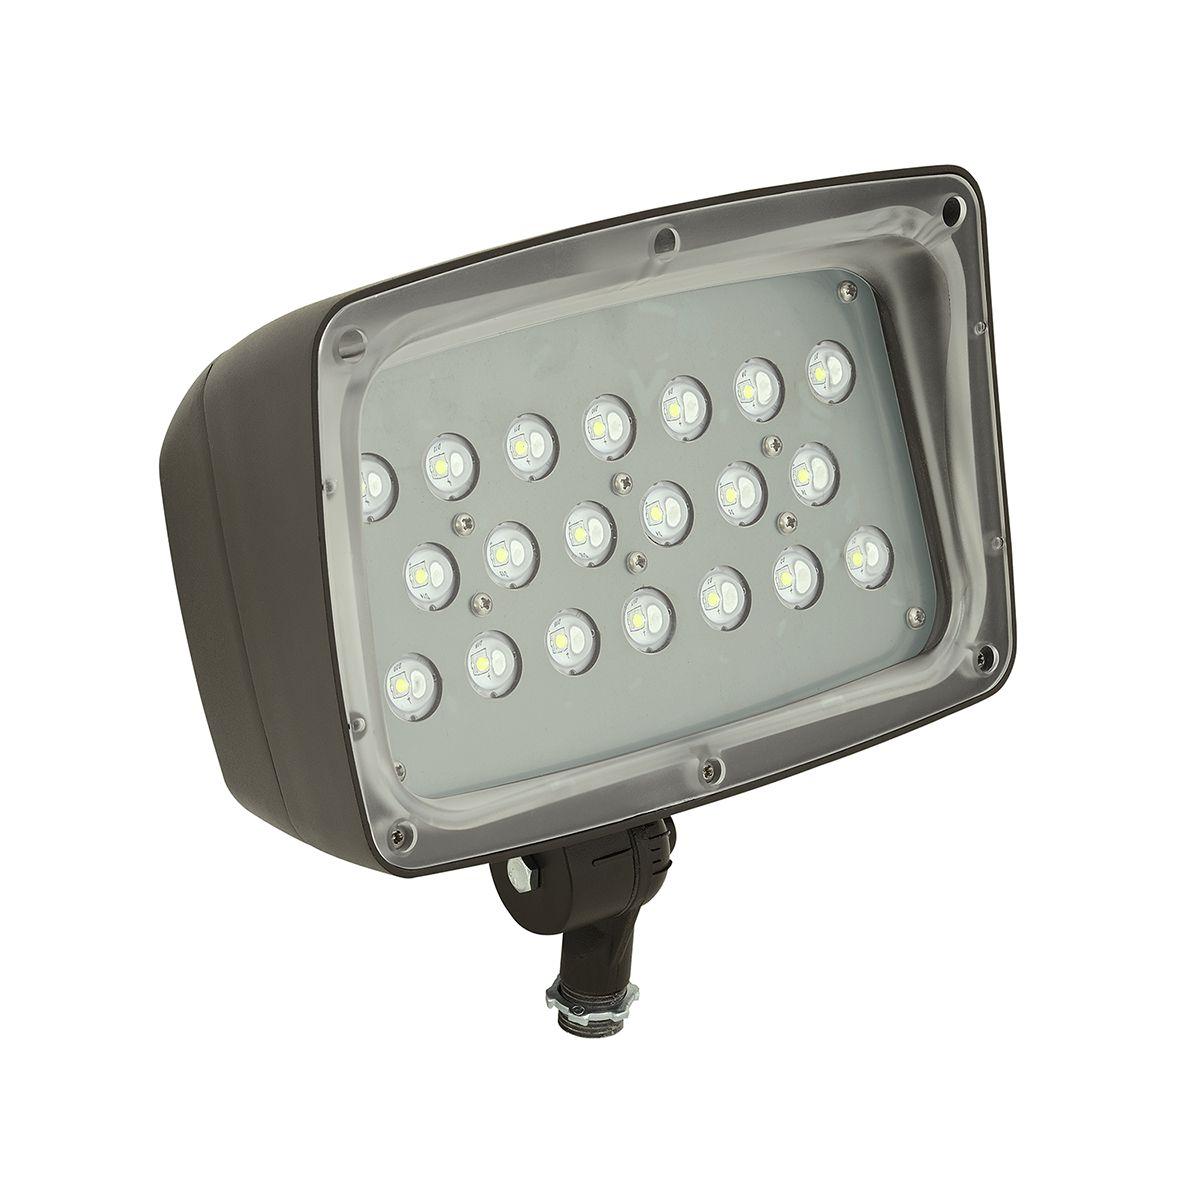 HUB FML-14 LED FLOOD LIGHT